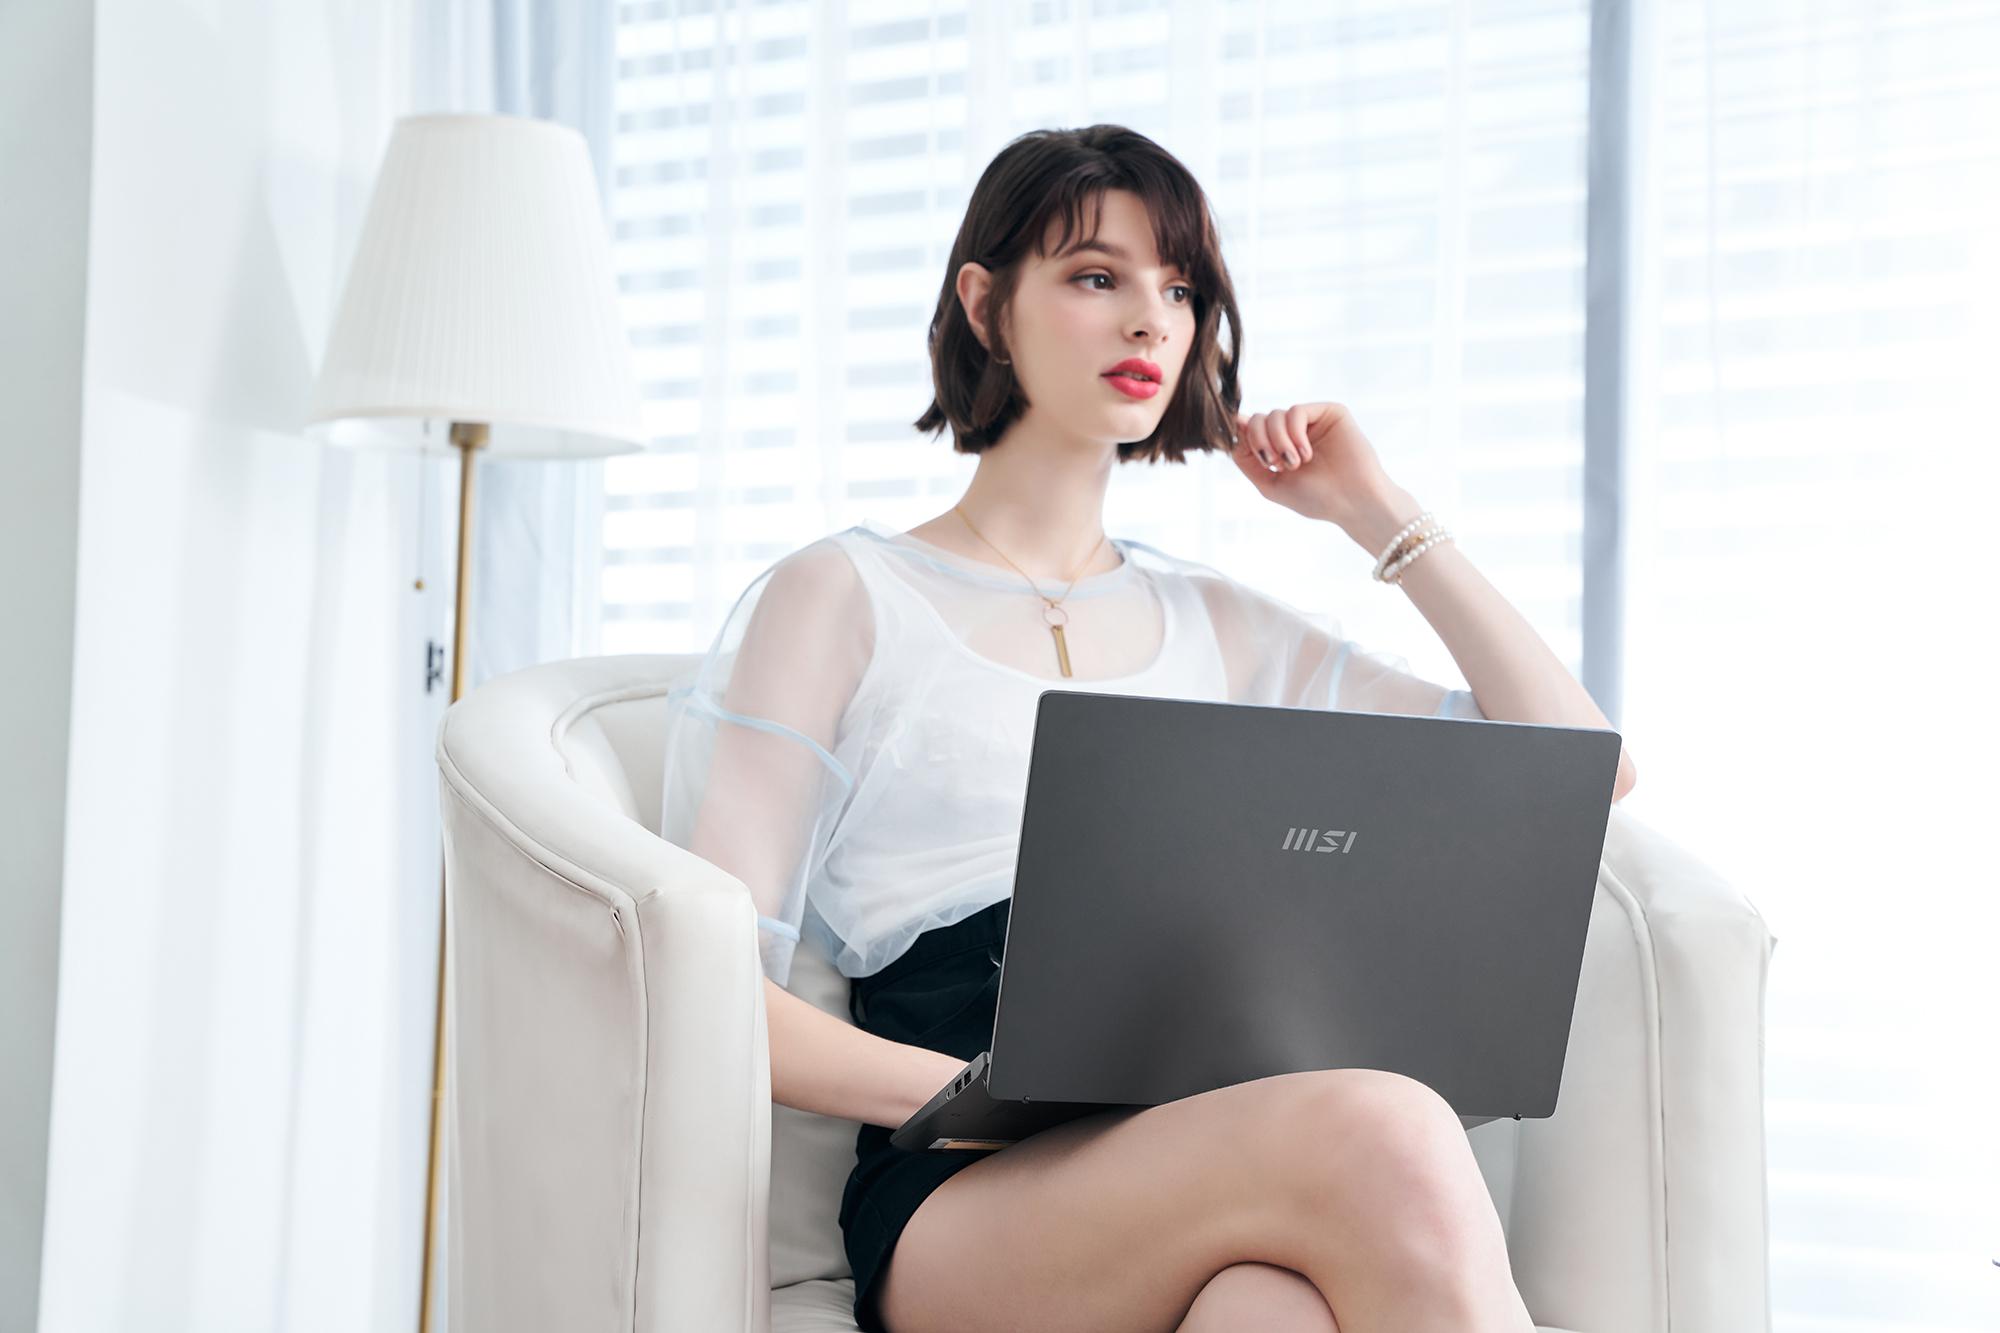 手提電腦推介-Modern 14 石墨灰色|MSI微星香港